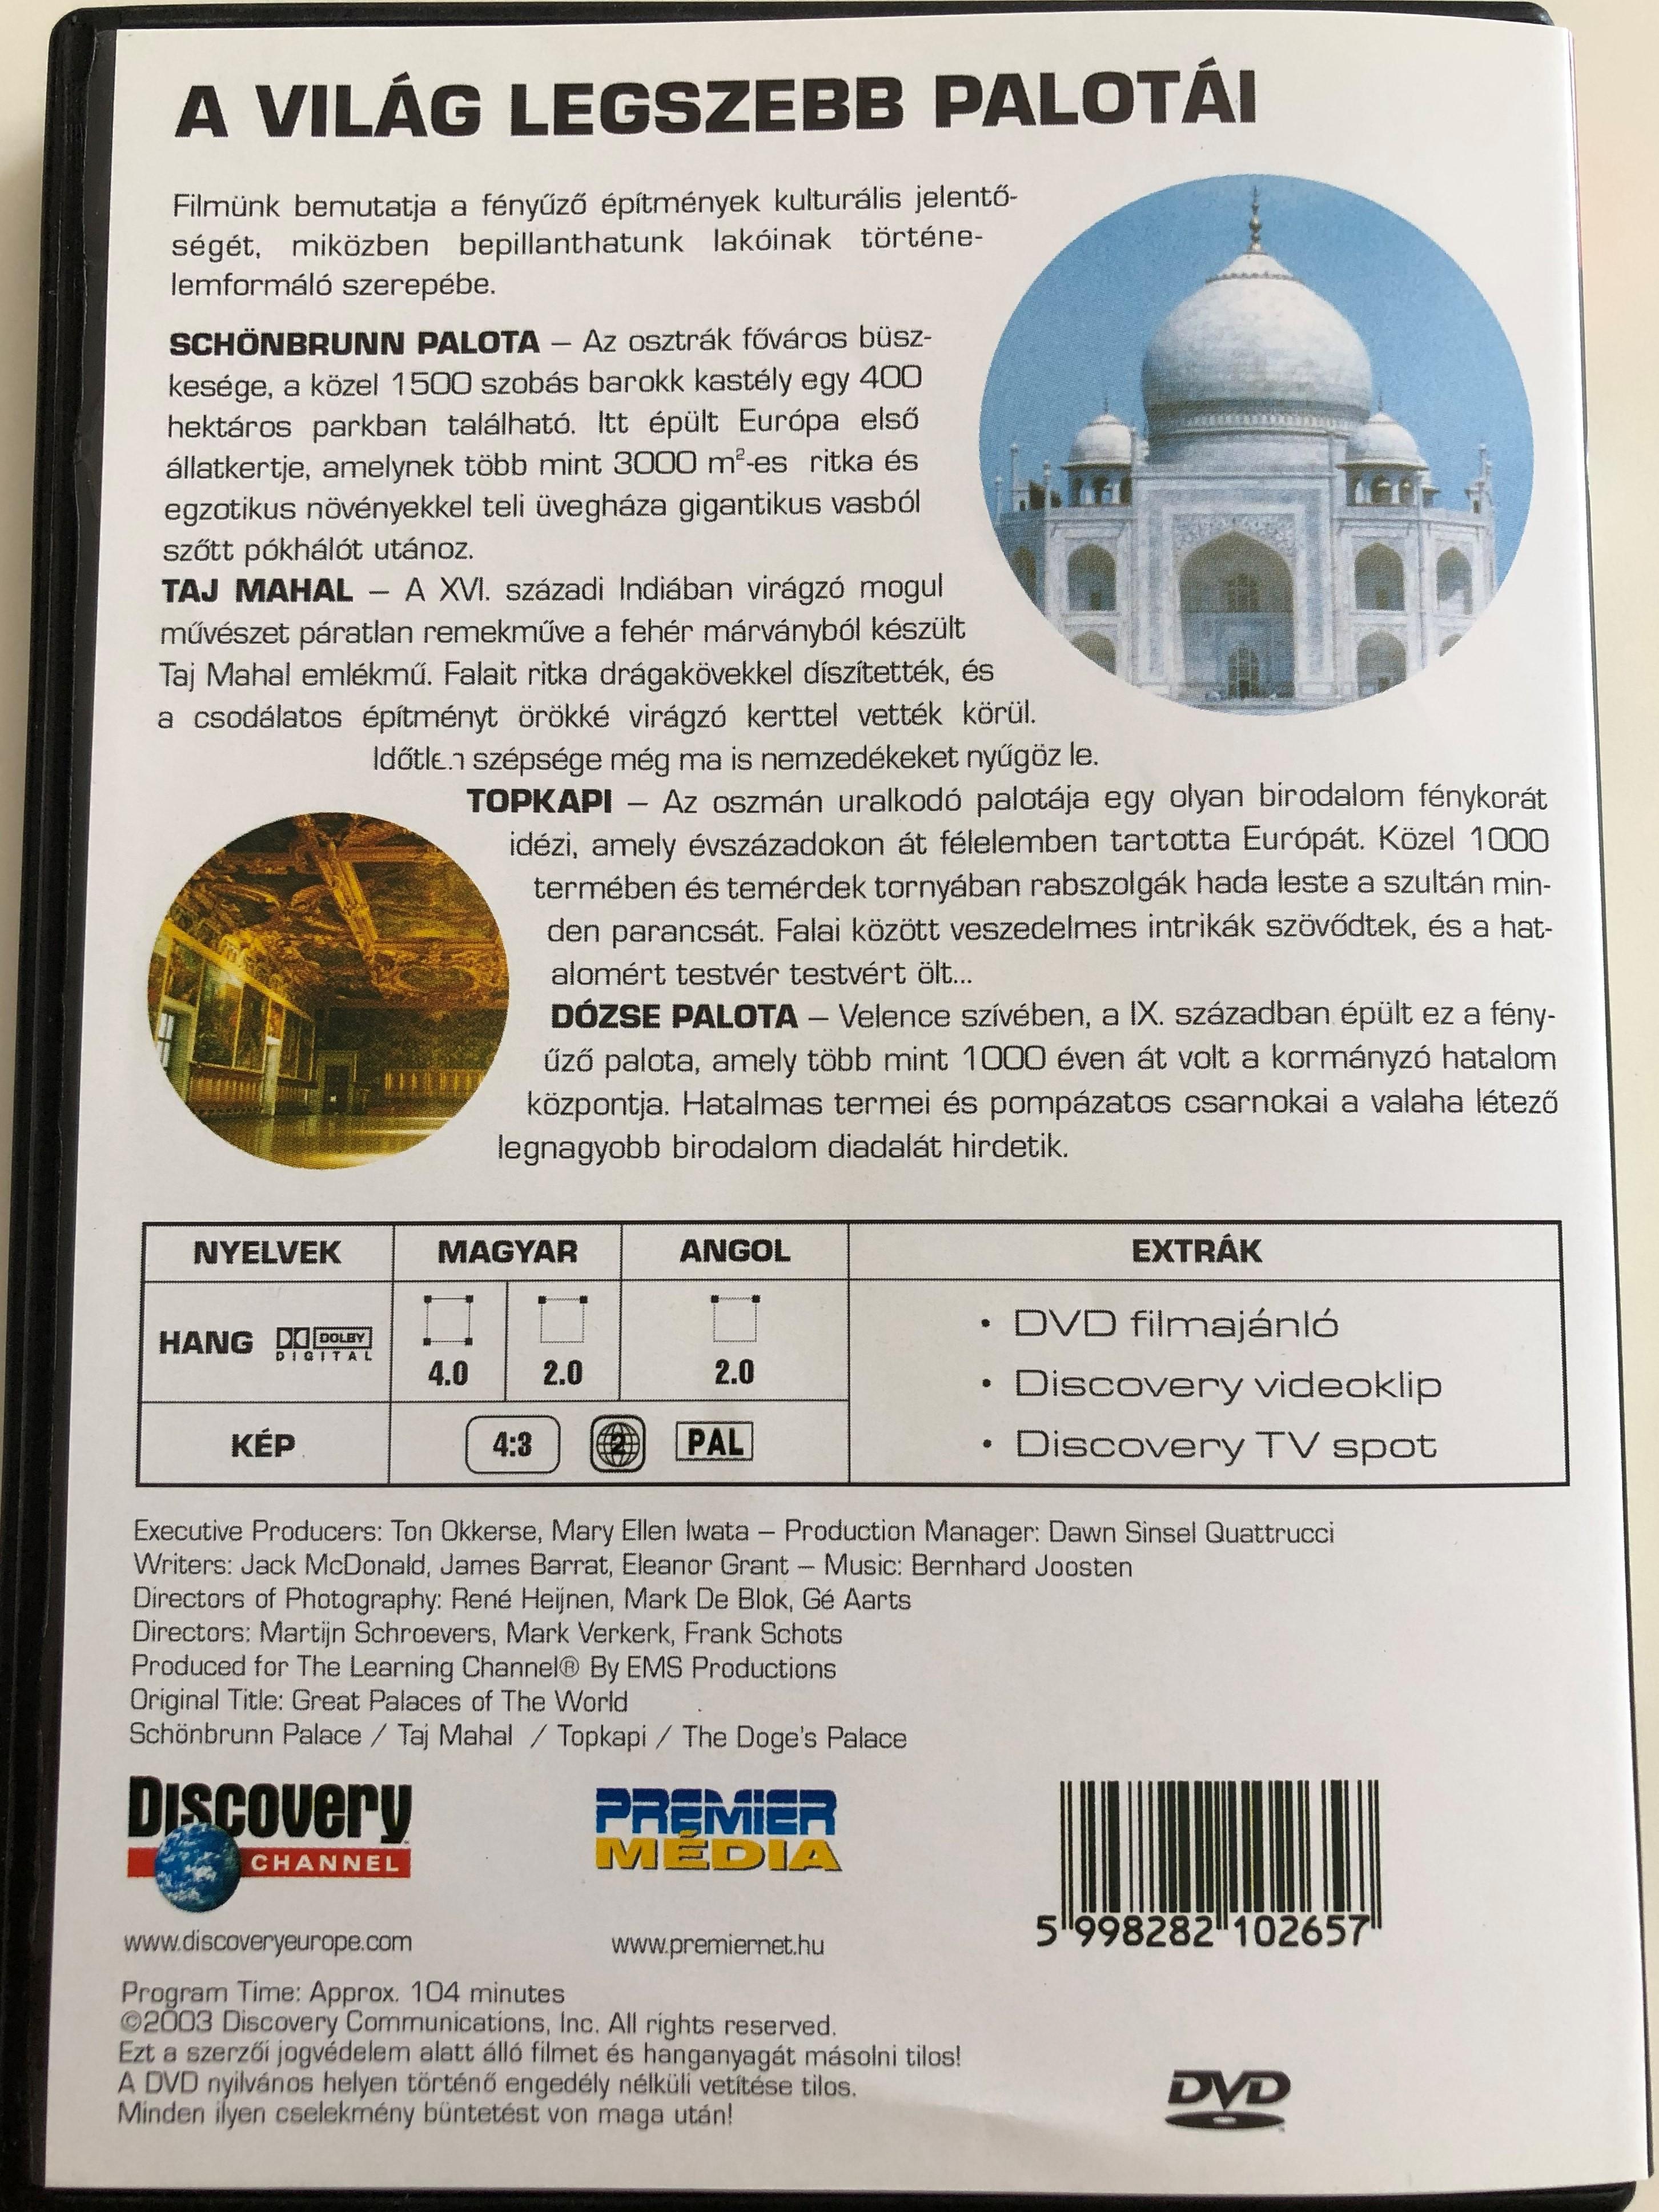 great-palaces-of-the-world-dvd-2003-a-vil-g-legszebb-palot-i-sch-nbrunn-taj-mahal-topkapi-d-zse-palota-directed-by-martijn-schroevers-mark-verkerk-frank-schots-discovery-channel-2-.jpg